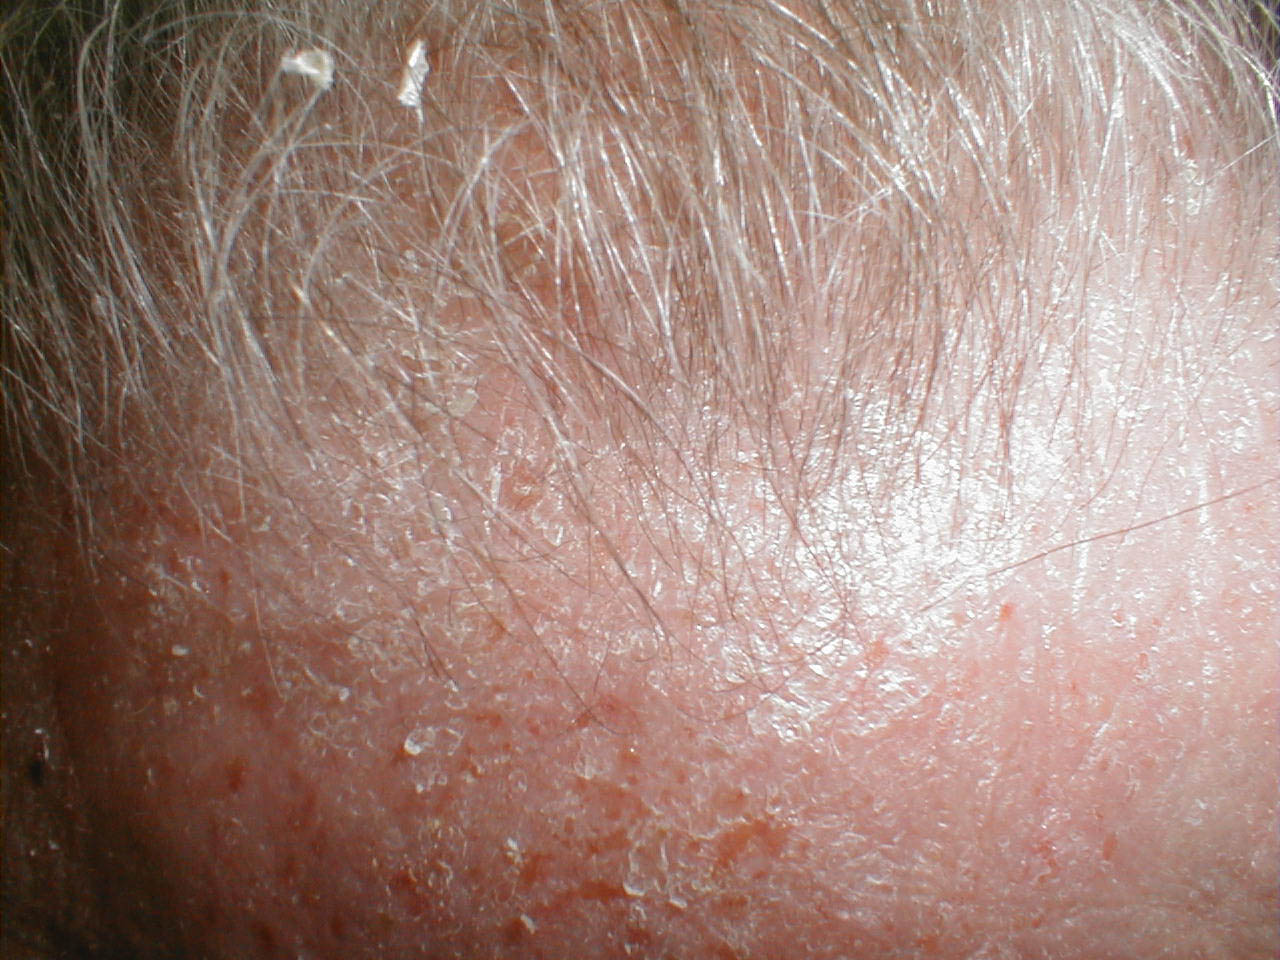 Az atópiás dermatitis - Ezekről mindenkinek tudnia kellene! | BENU Gyógyszertárak